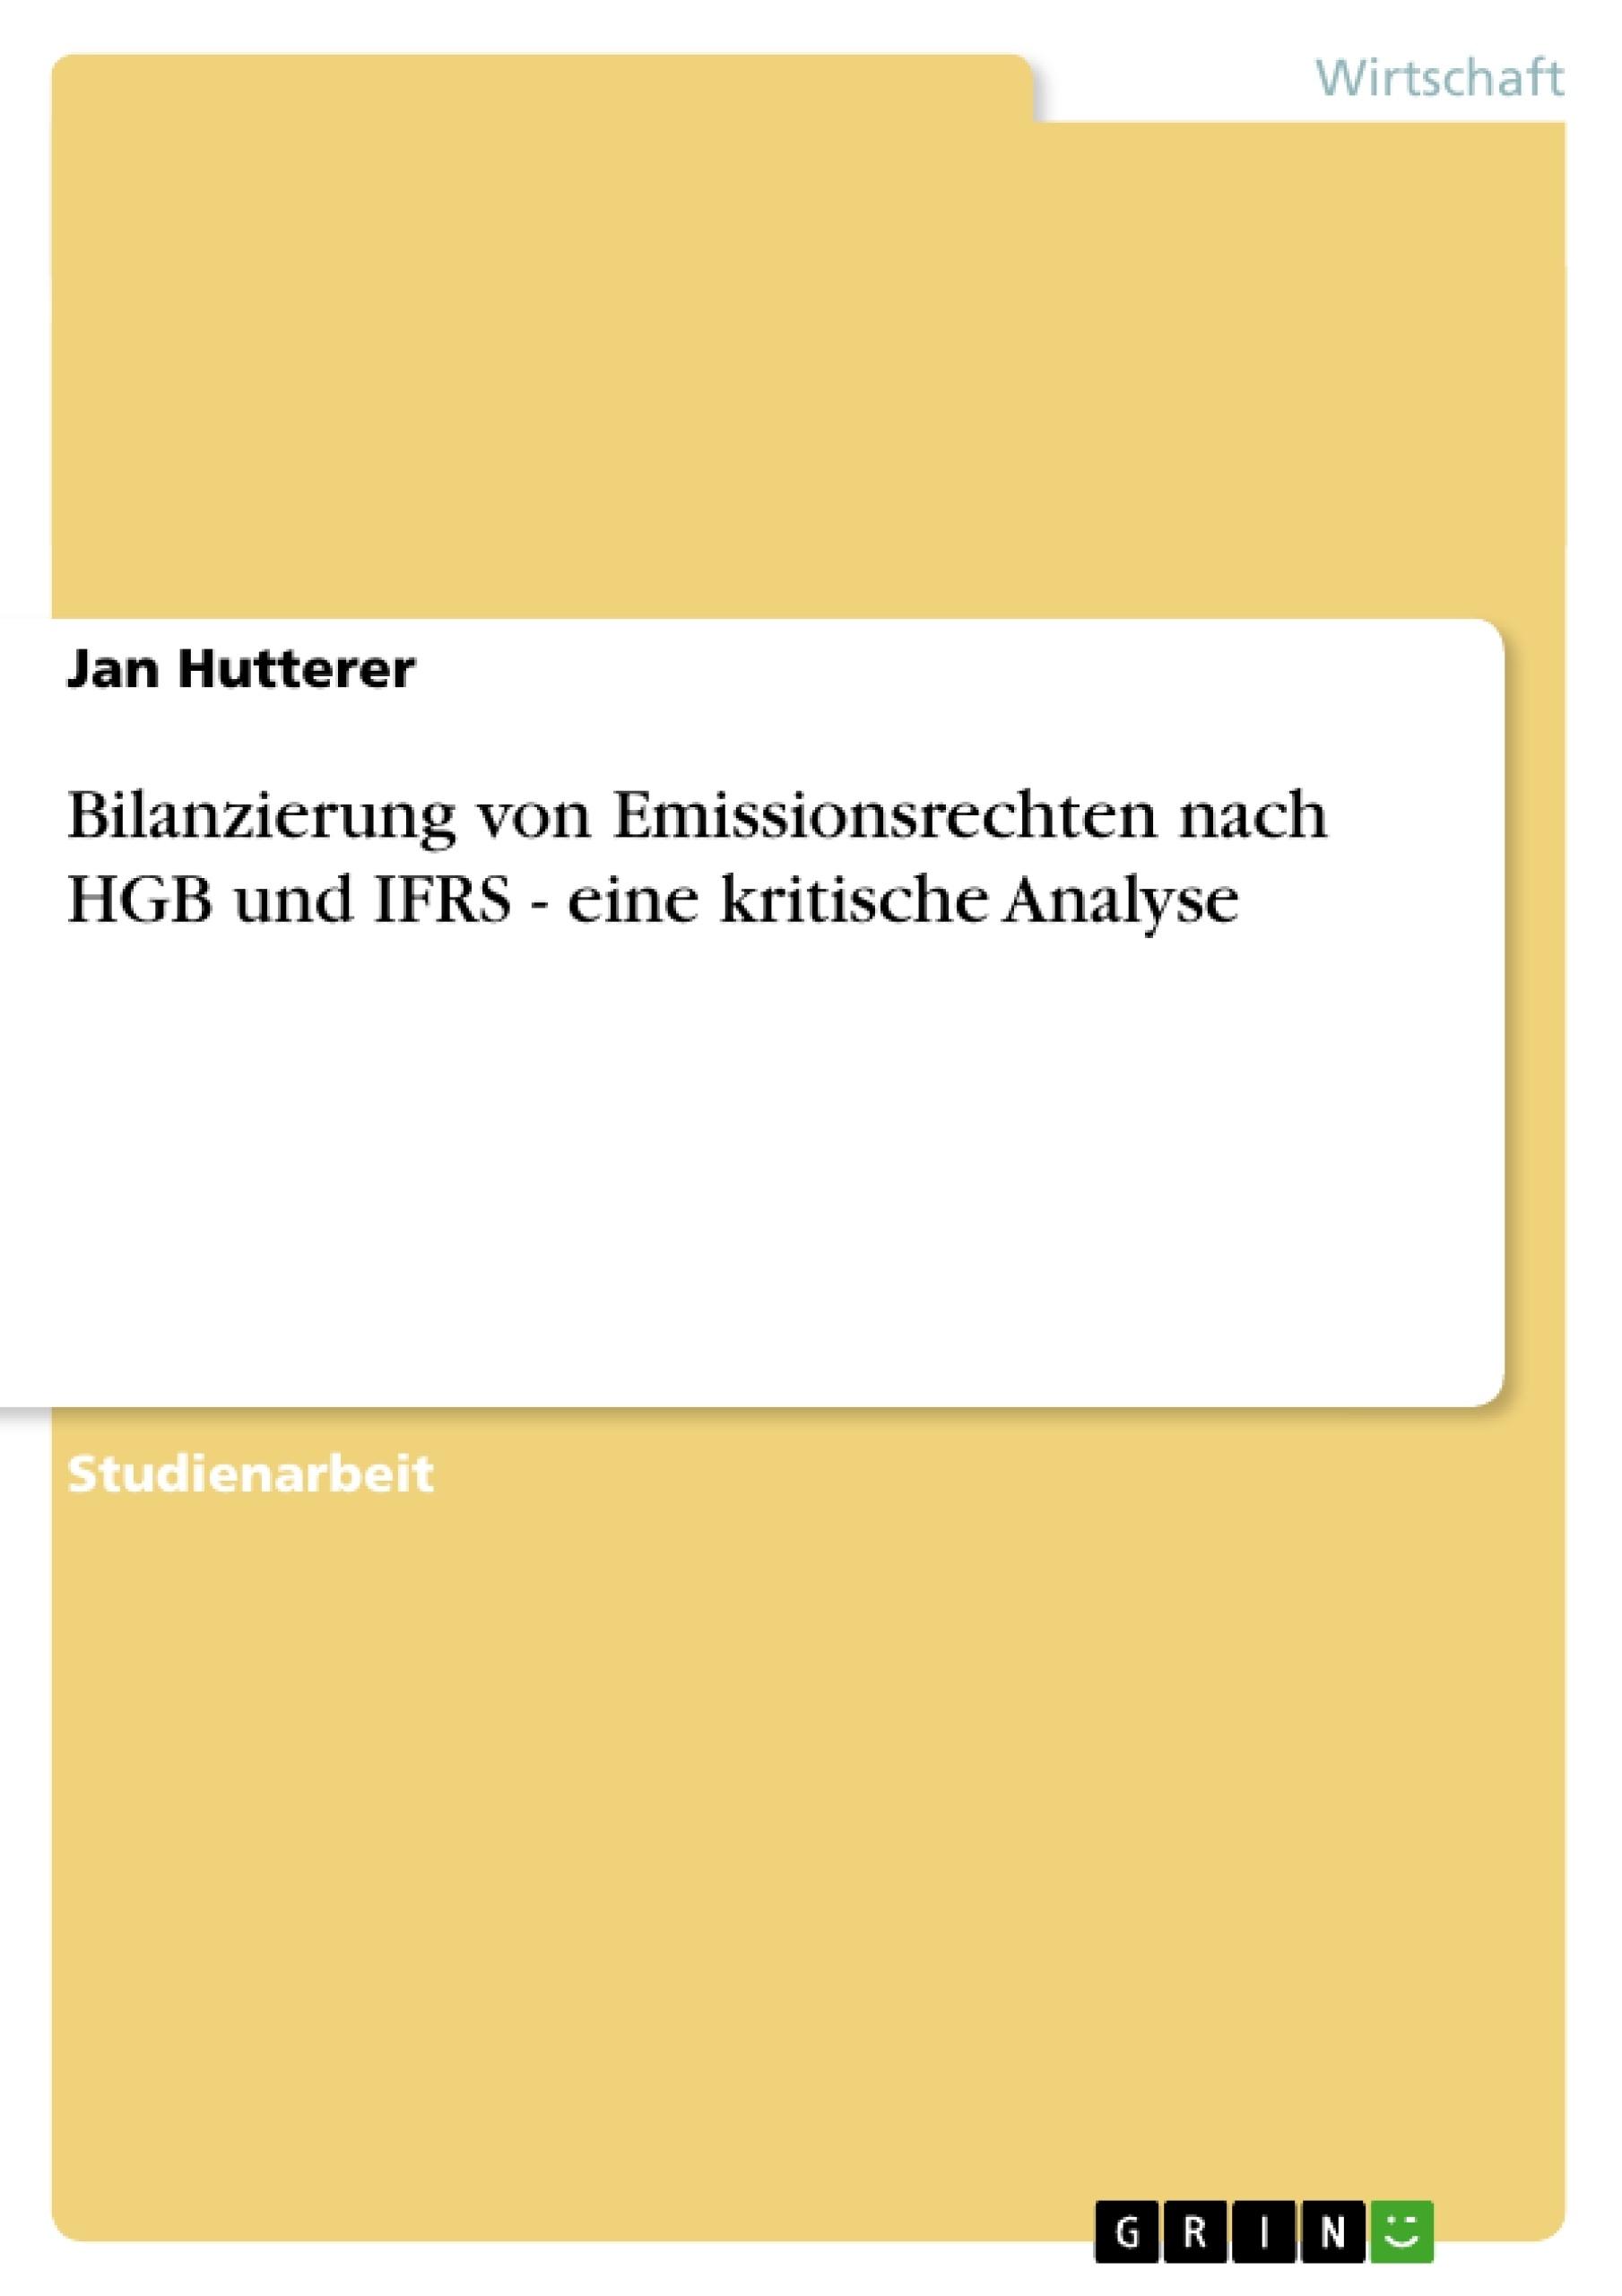 Titel: Bilanzierung von Emissionsrechten nach HGB und IFRS - eine kritische Analyse